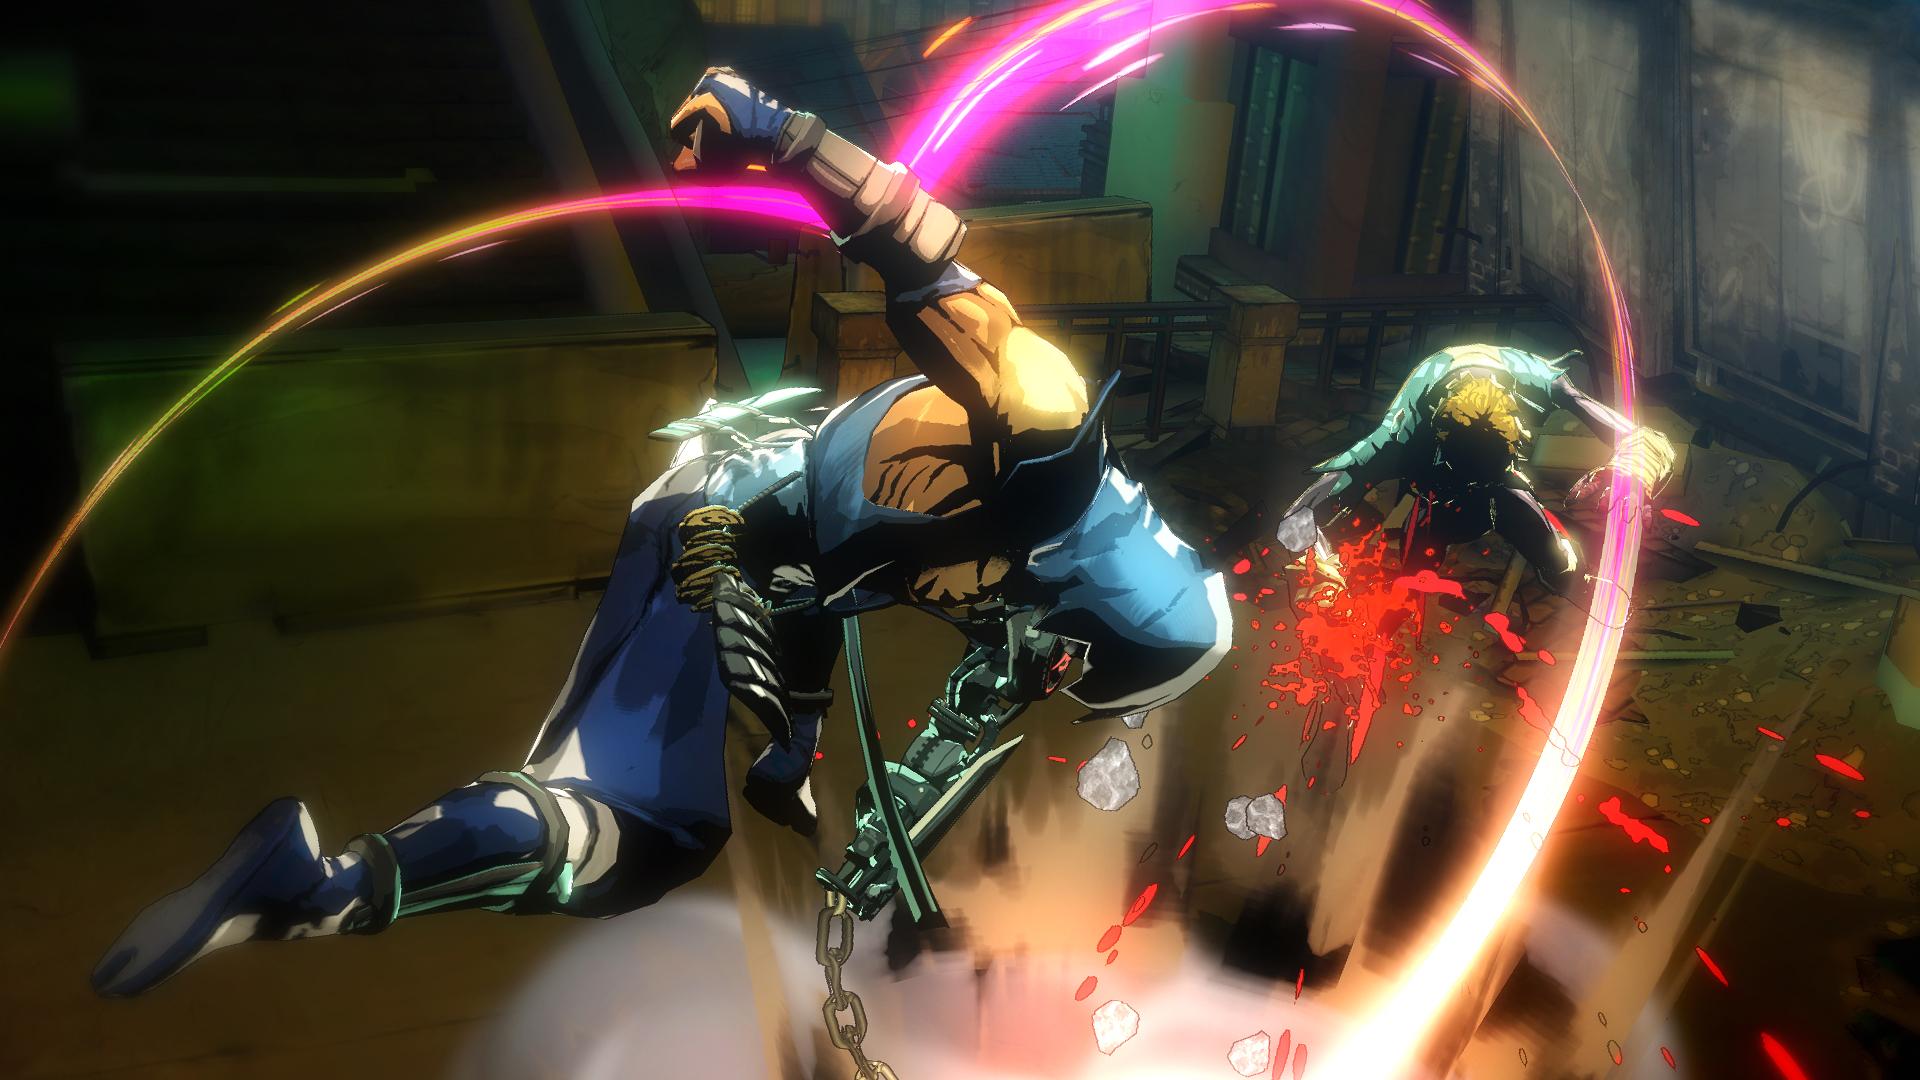 ヤイバのサイボーグアームは多彩な攻撃能力をもつ。チェーン攻撃もそのひとつ。投げ技を得意とするような敵には、離れた場所からのチェーン攻撃が有効だ